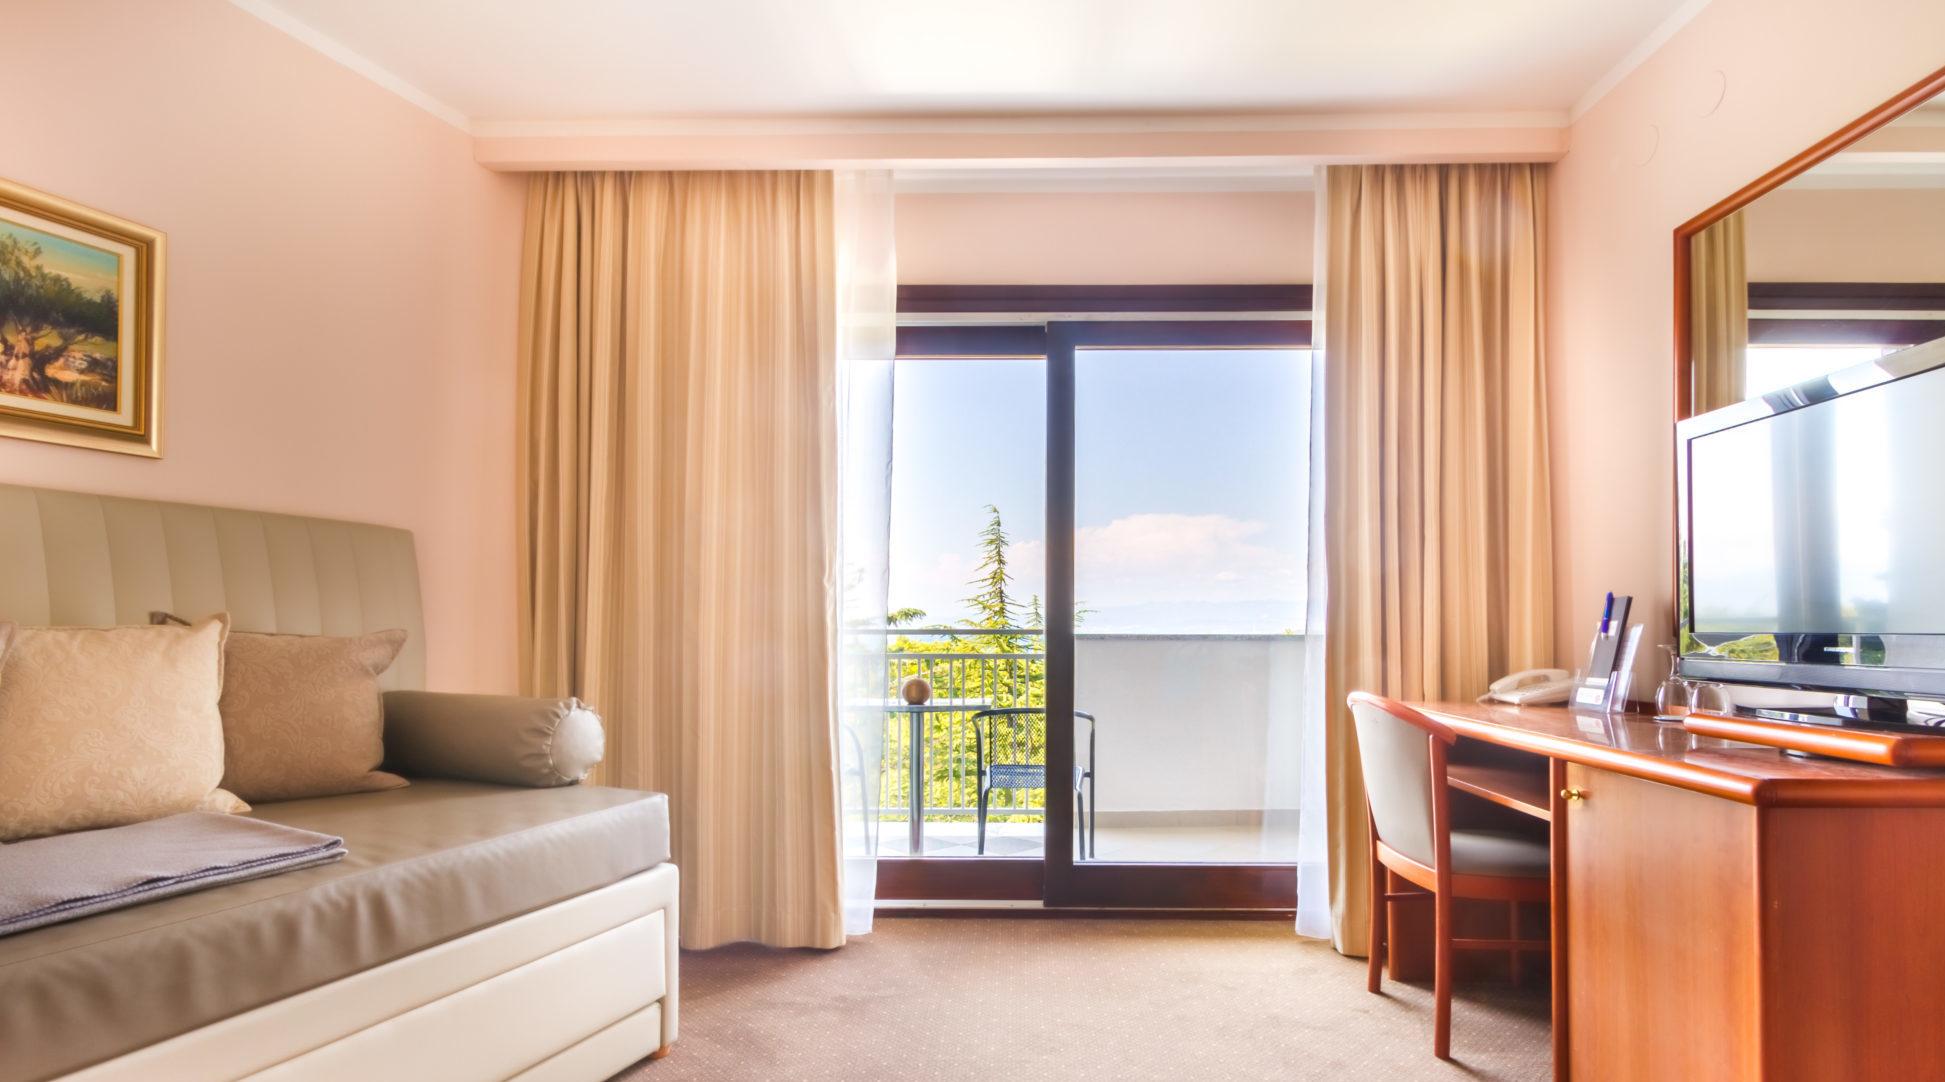 Suite con balcone dell'albergo Malin